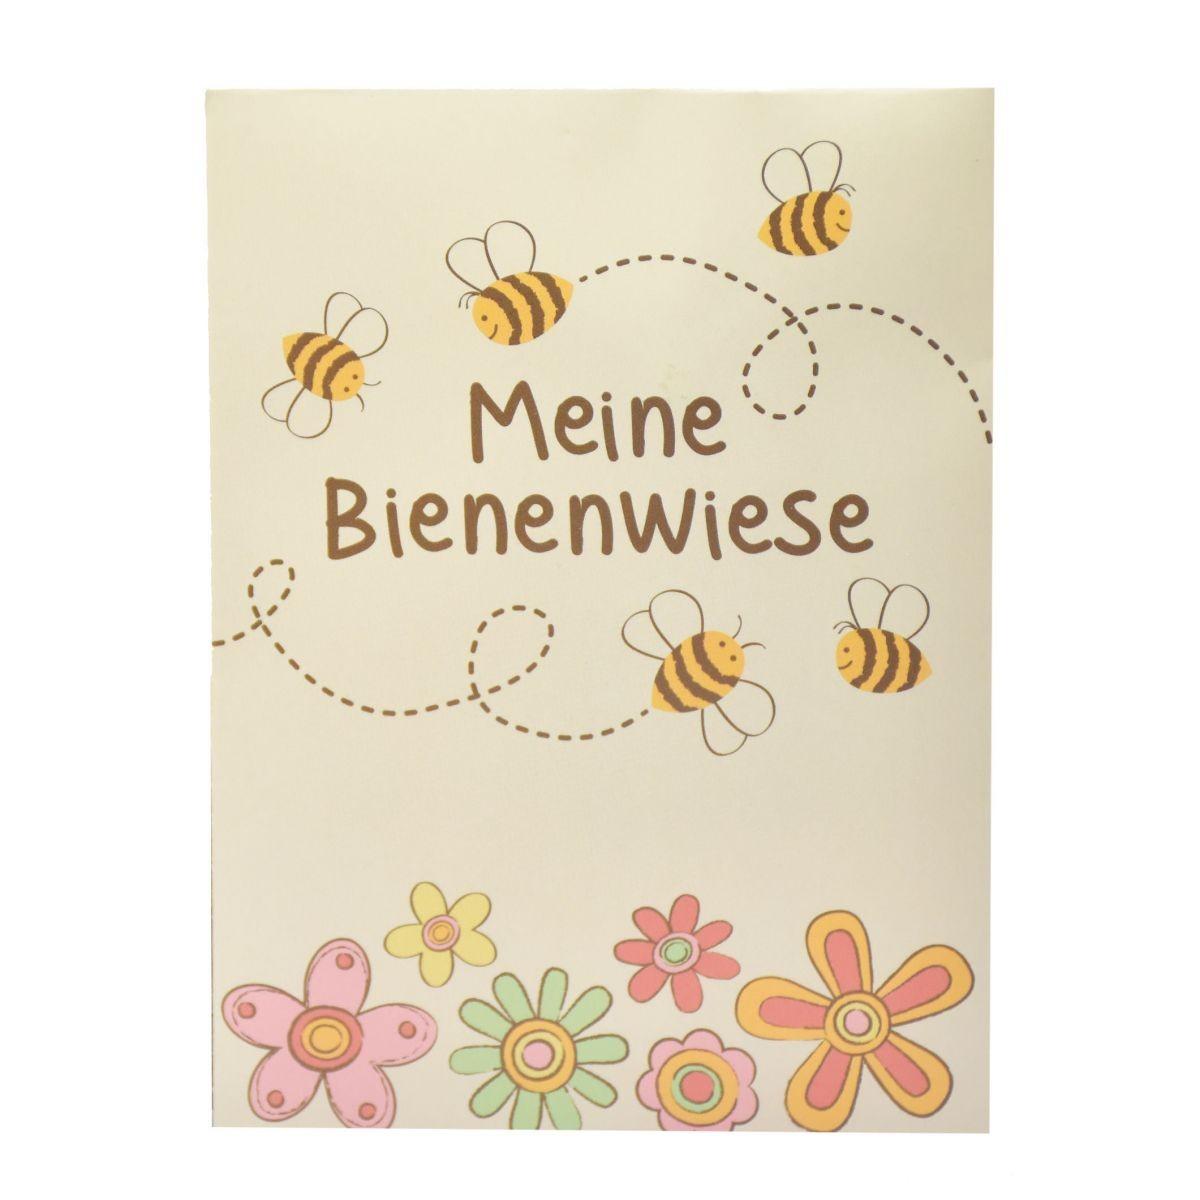 Saatgut Bienenwiese Bild 2